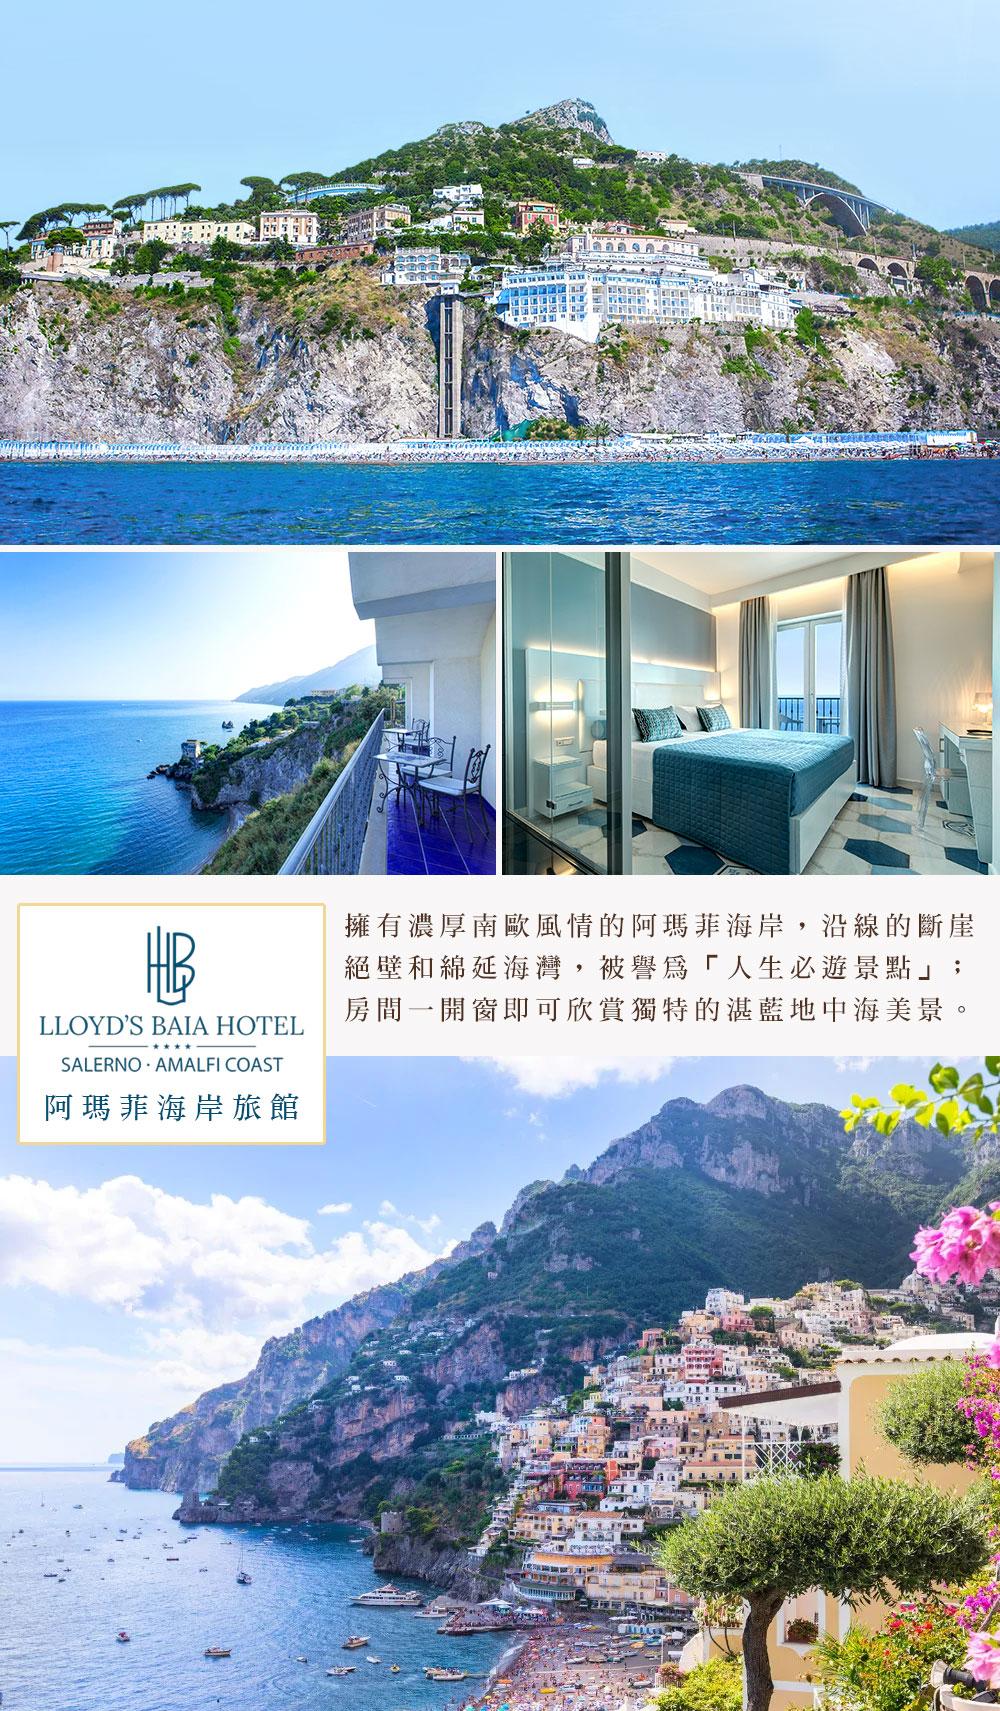 阿瑪菲4星酒店Hotel Lloyd's Baia Amalfi coast